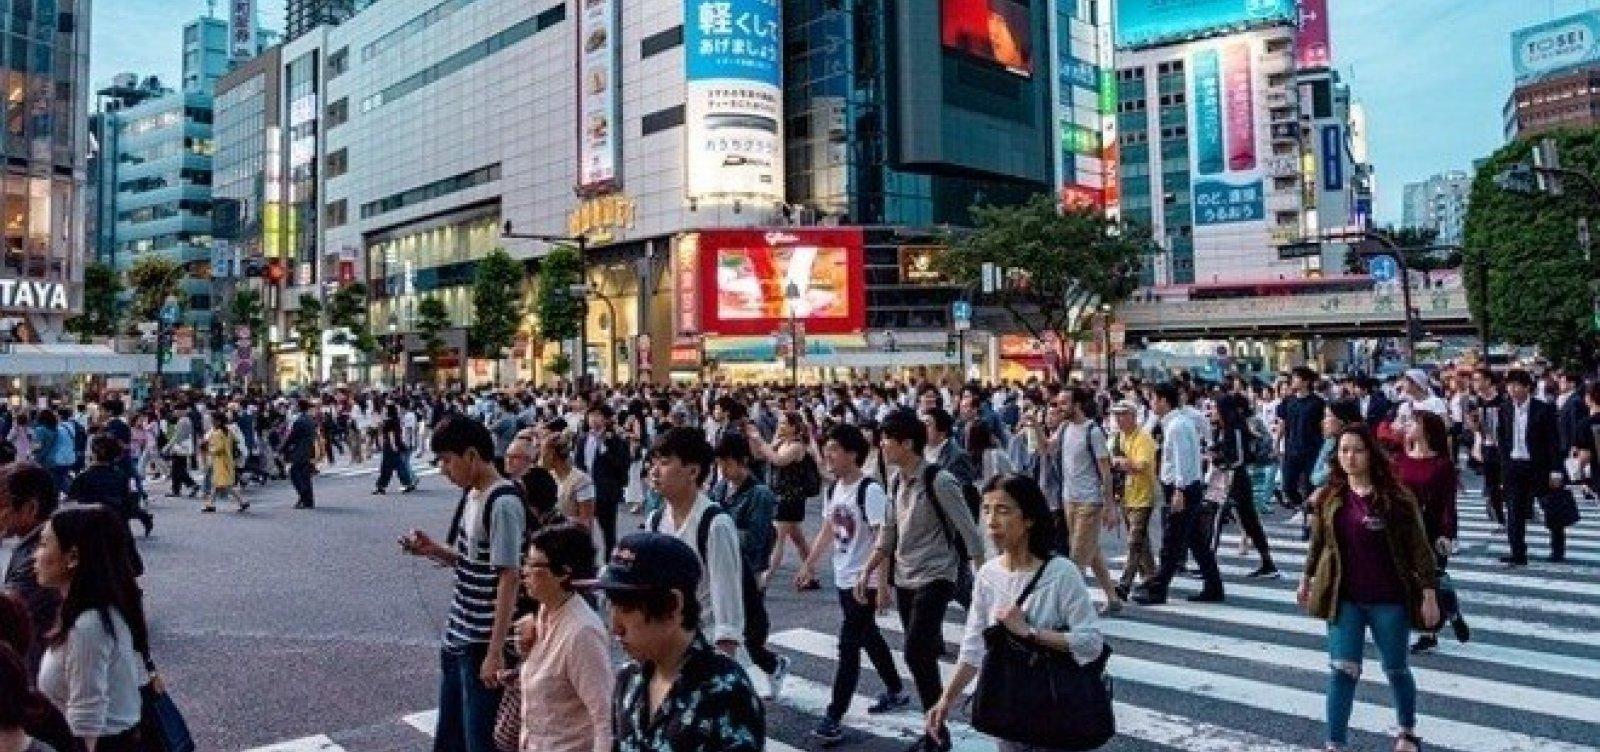 Covid-19: Japão em 'alerta máximo' após recorde de novos casos